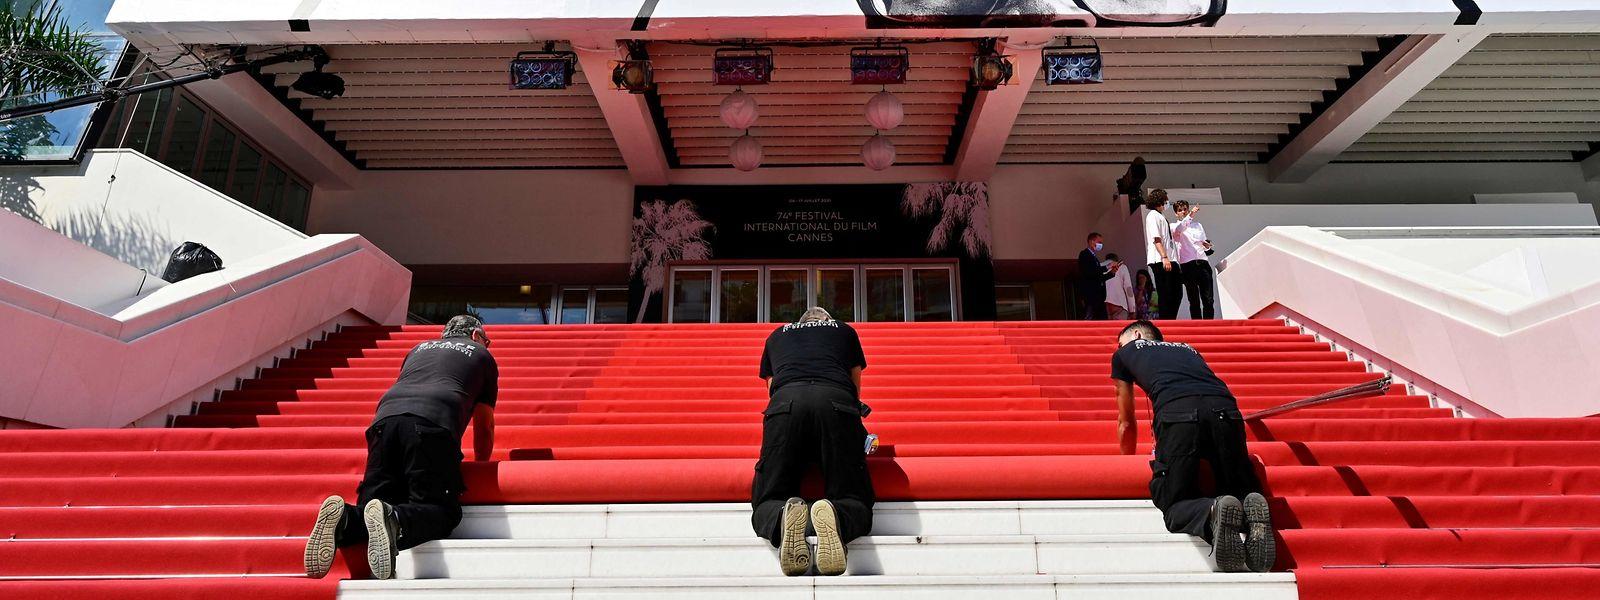 Es kann losgehen. Die Treppen sind mit dem Roten Teppich ausgelegt. Die Filmfestspiele in Cannes können beginnen.